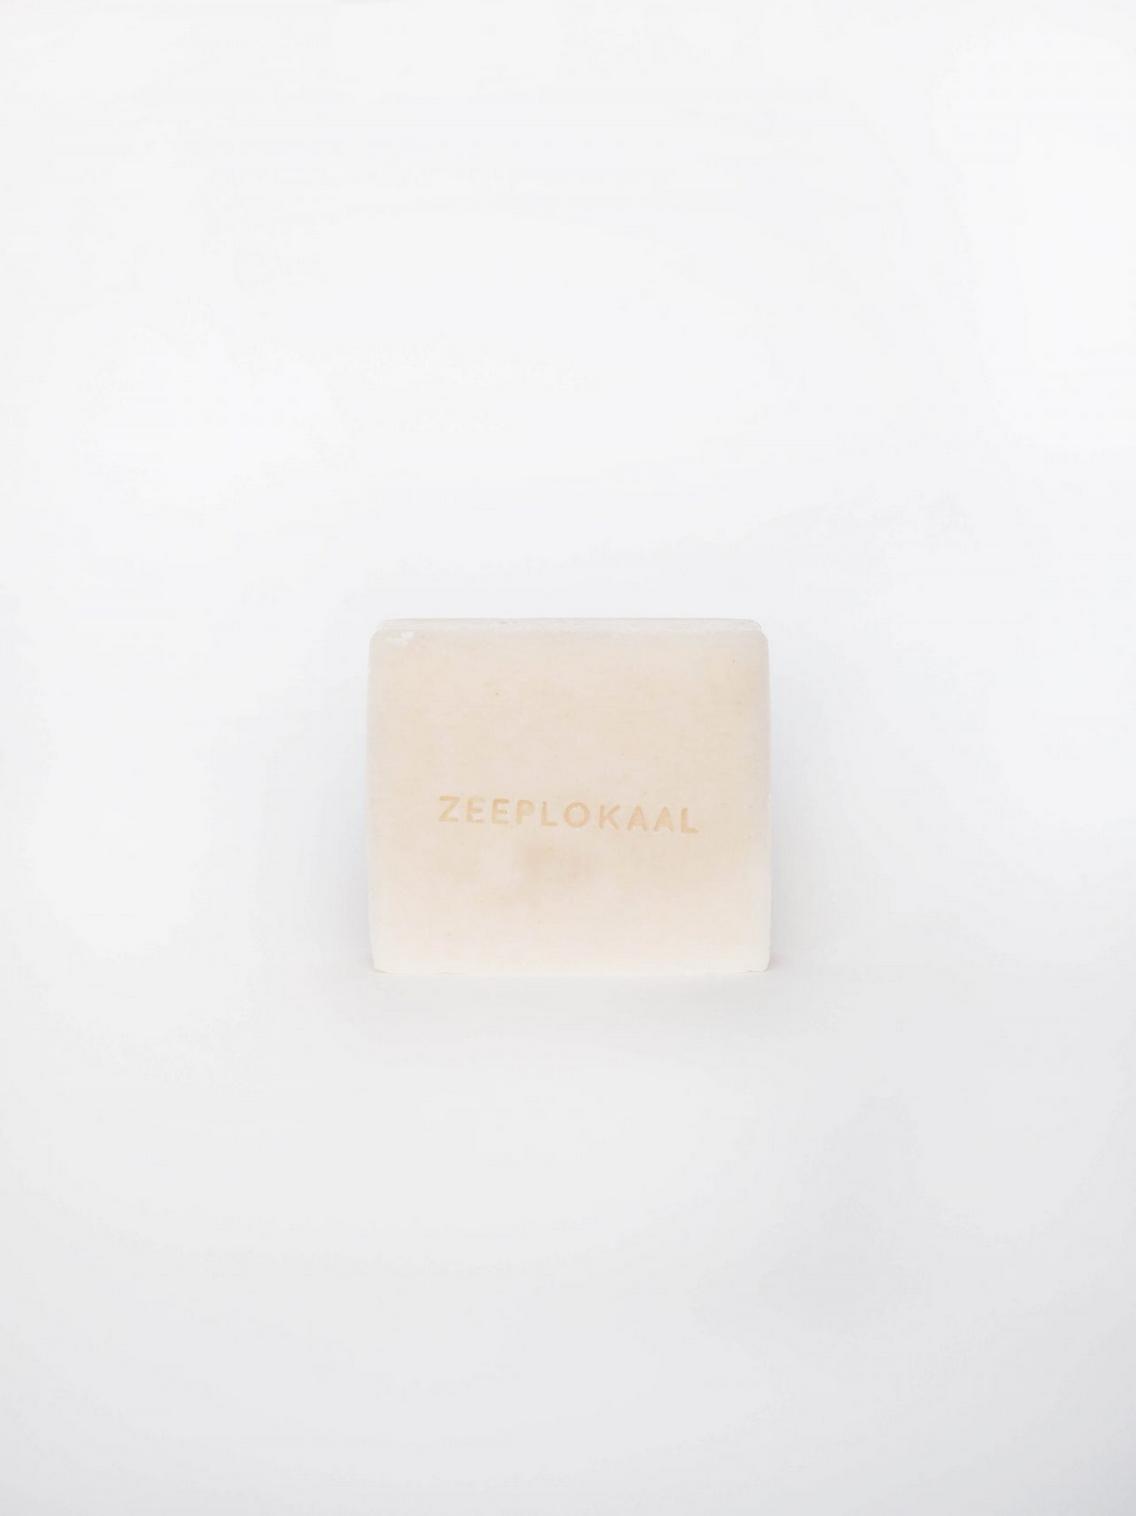 Shampoo Bar - Maca & Pompelmoes - Zeeplokaal-1